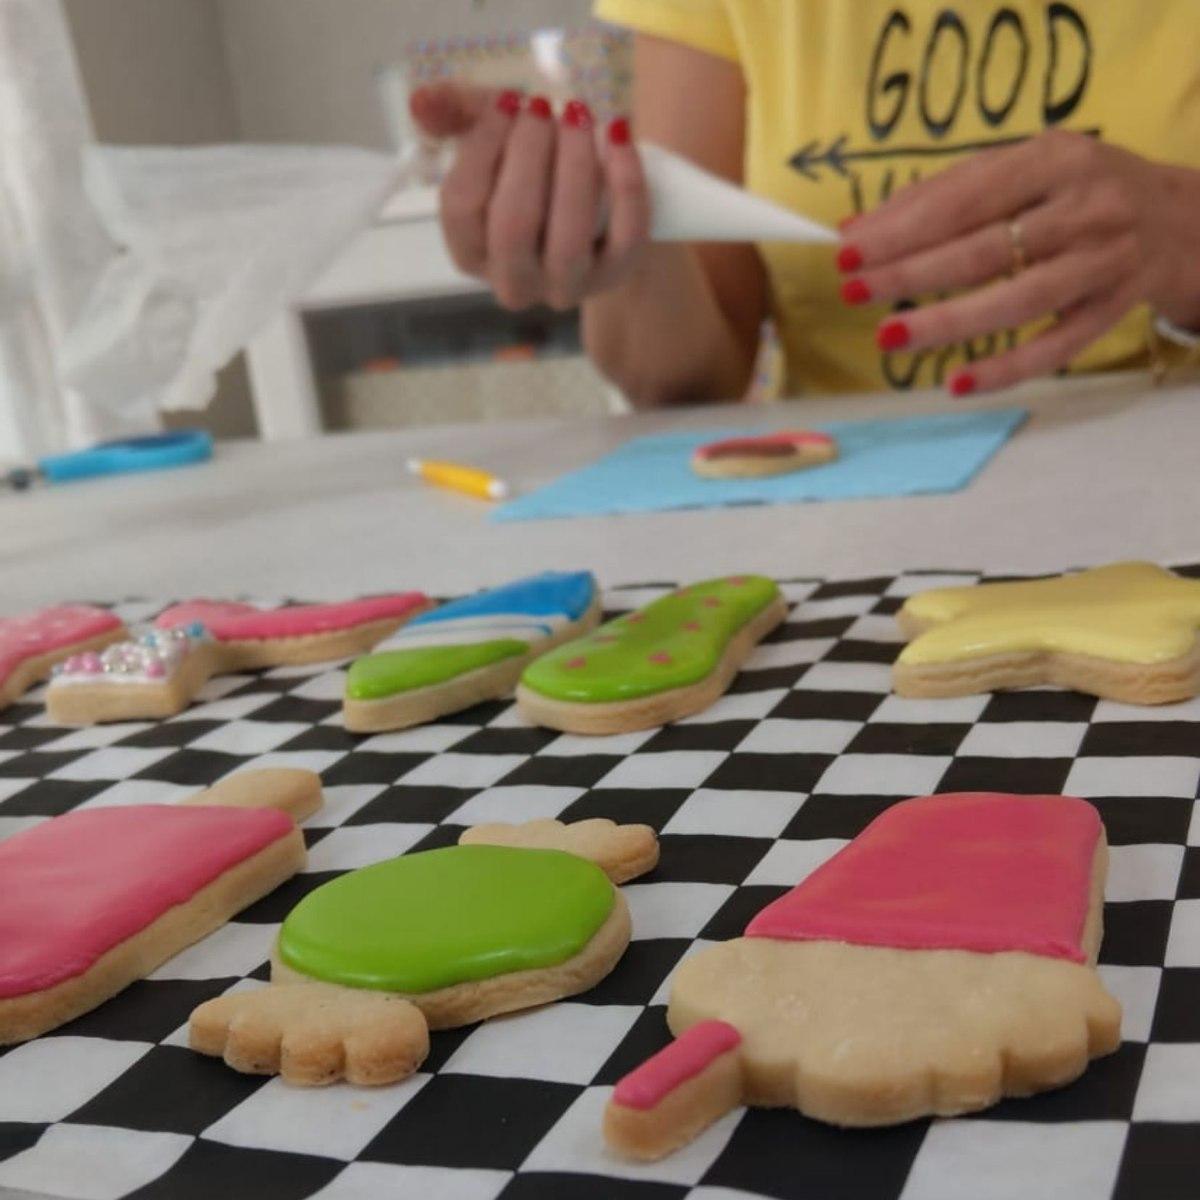 סדנא דיגיטלית - זילוף עוגיות - משתתף 1